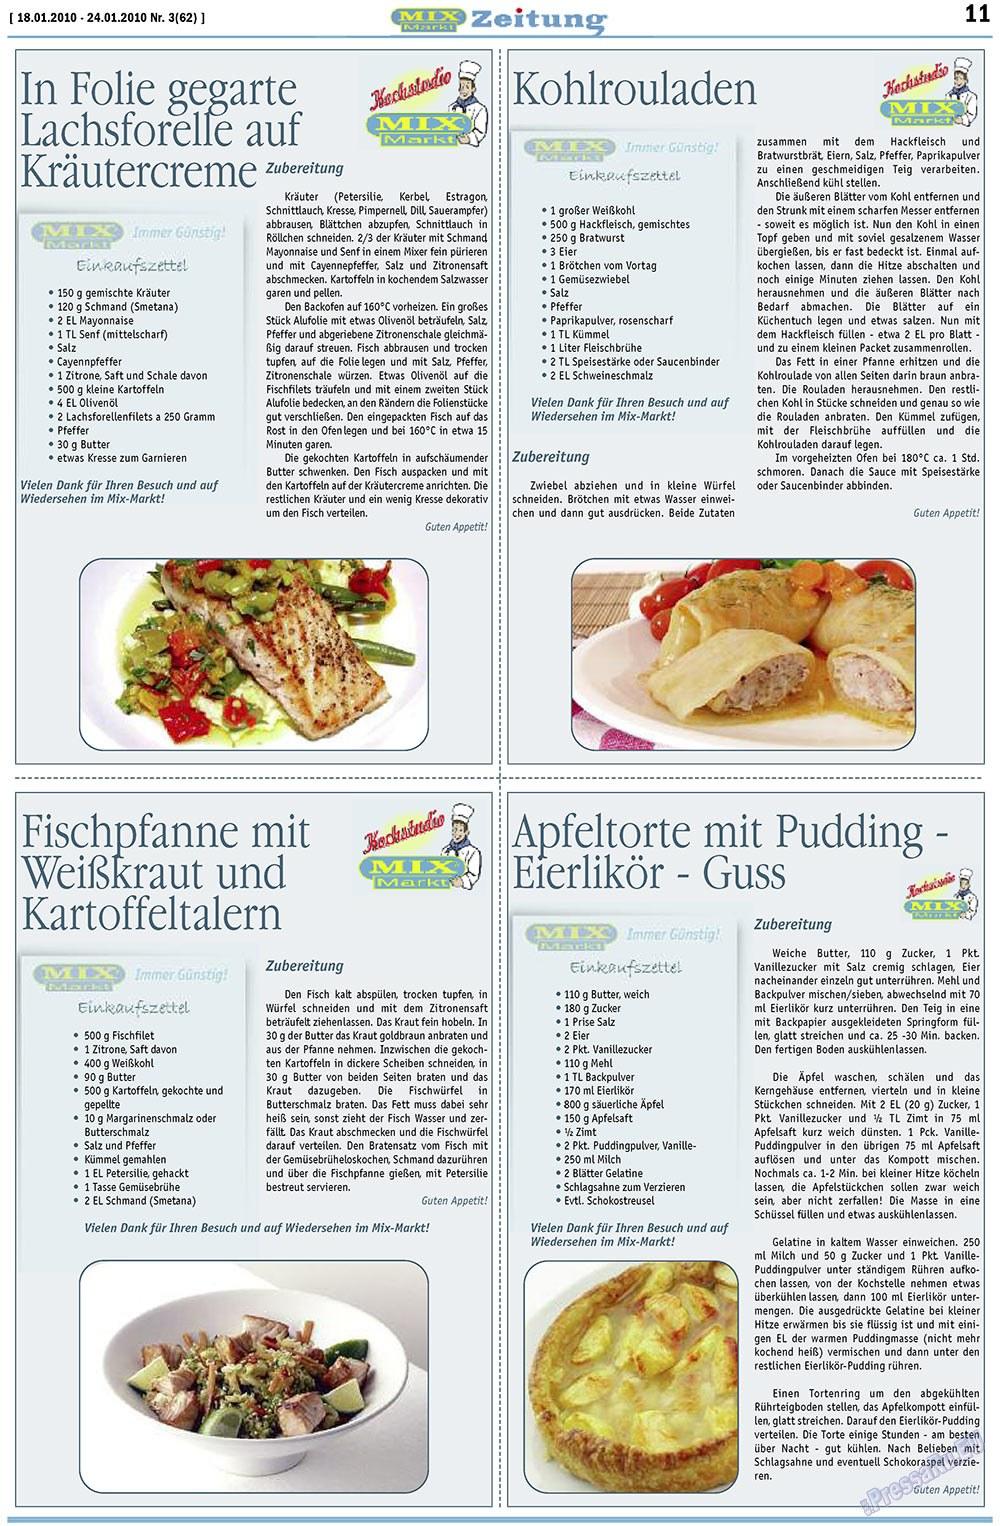 MIX-Markt Zeitung (газета). 2010 год, номер 3, стр. 11